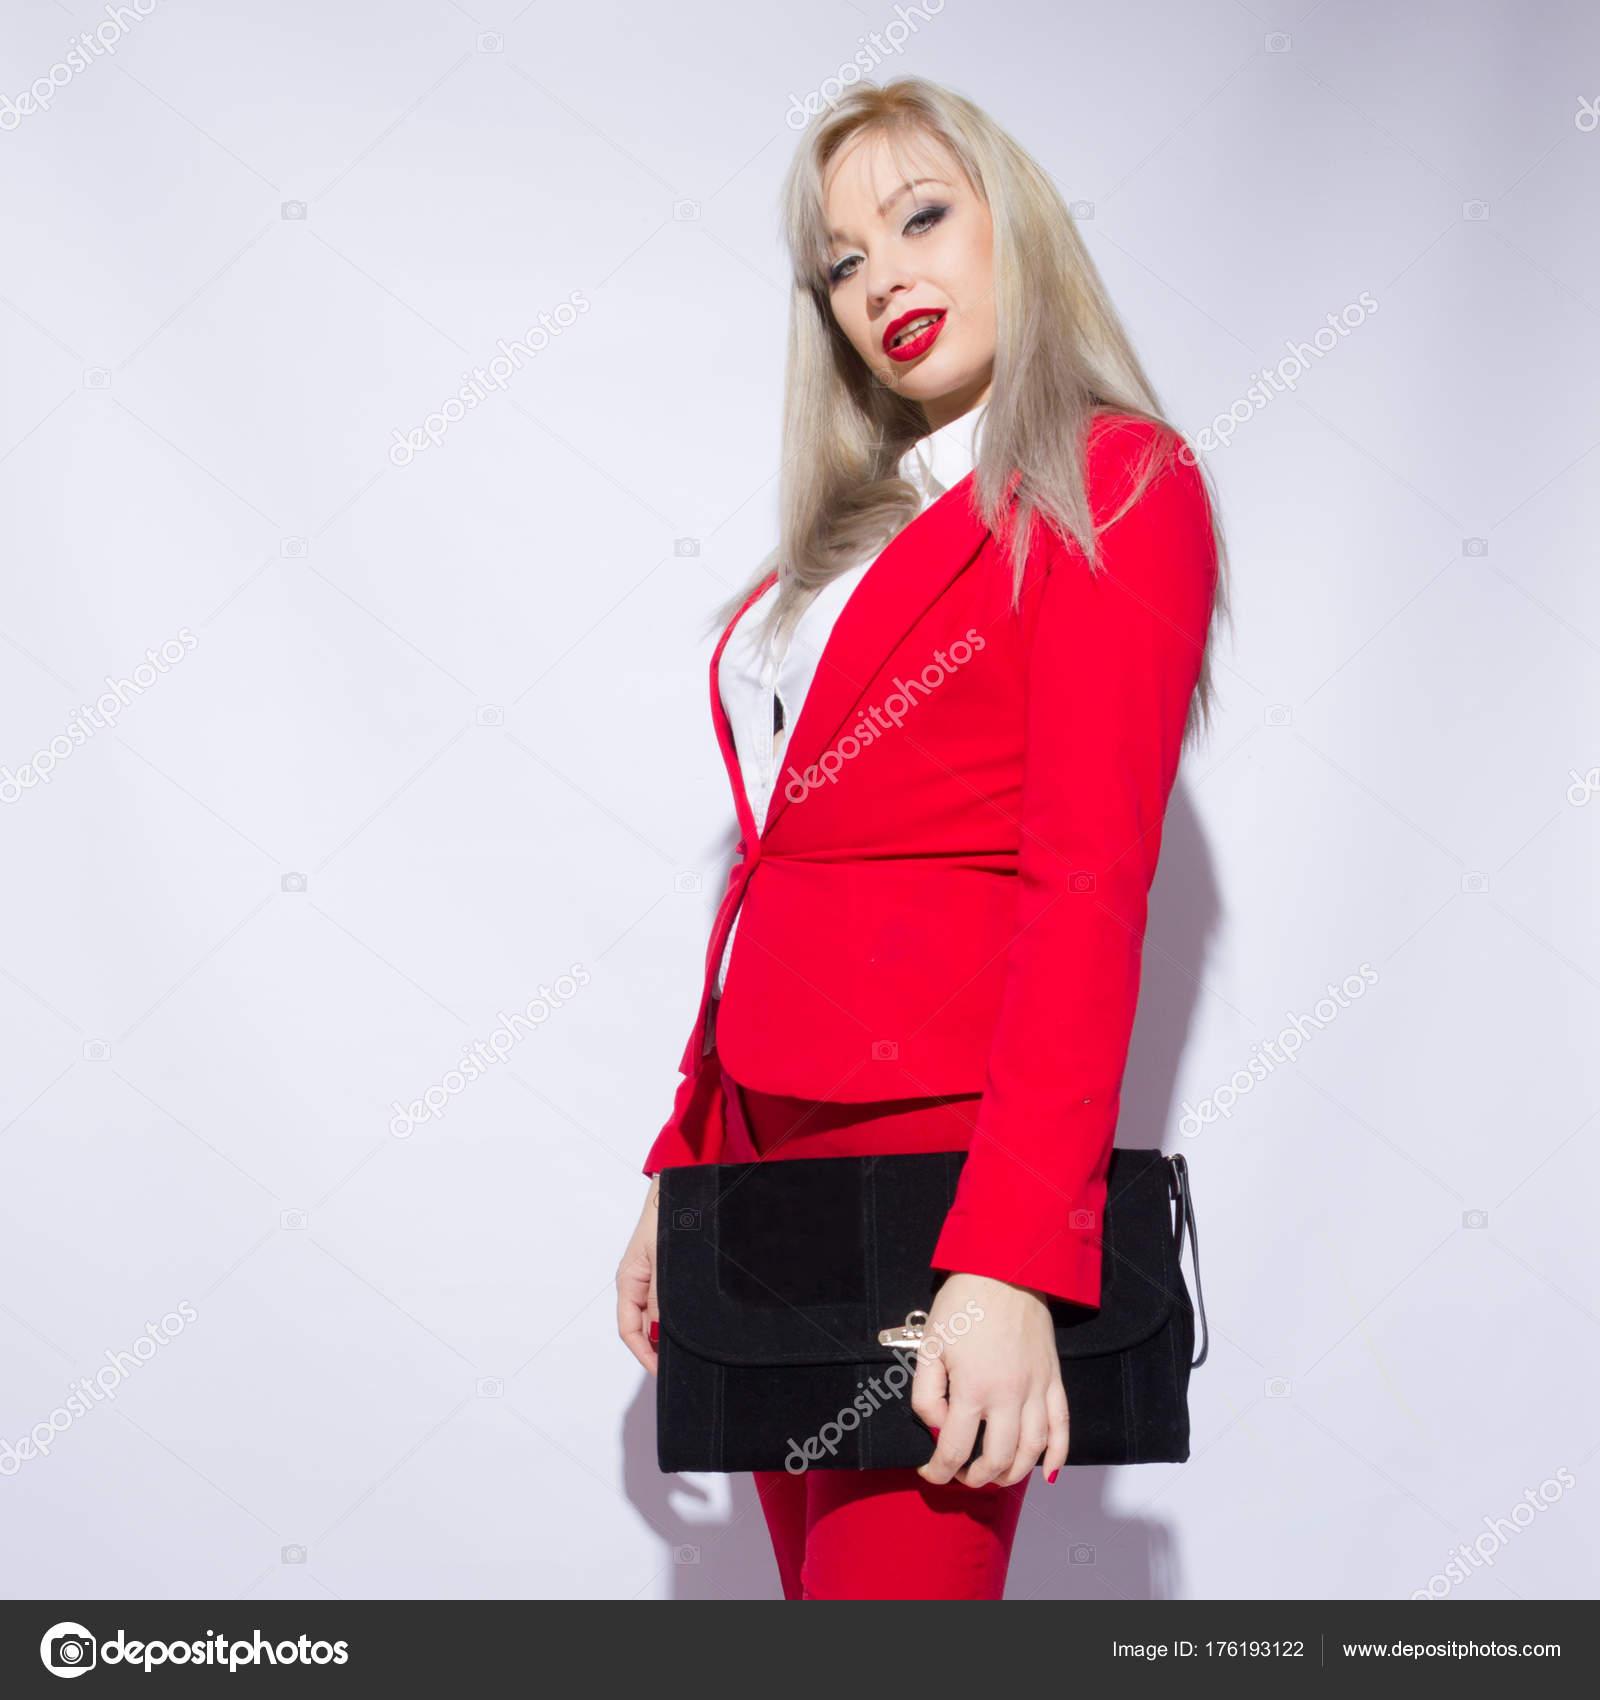 Porträt Von Eine Schöne Junge Blonde Frau Mit Langen Haaren